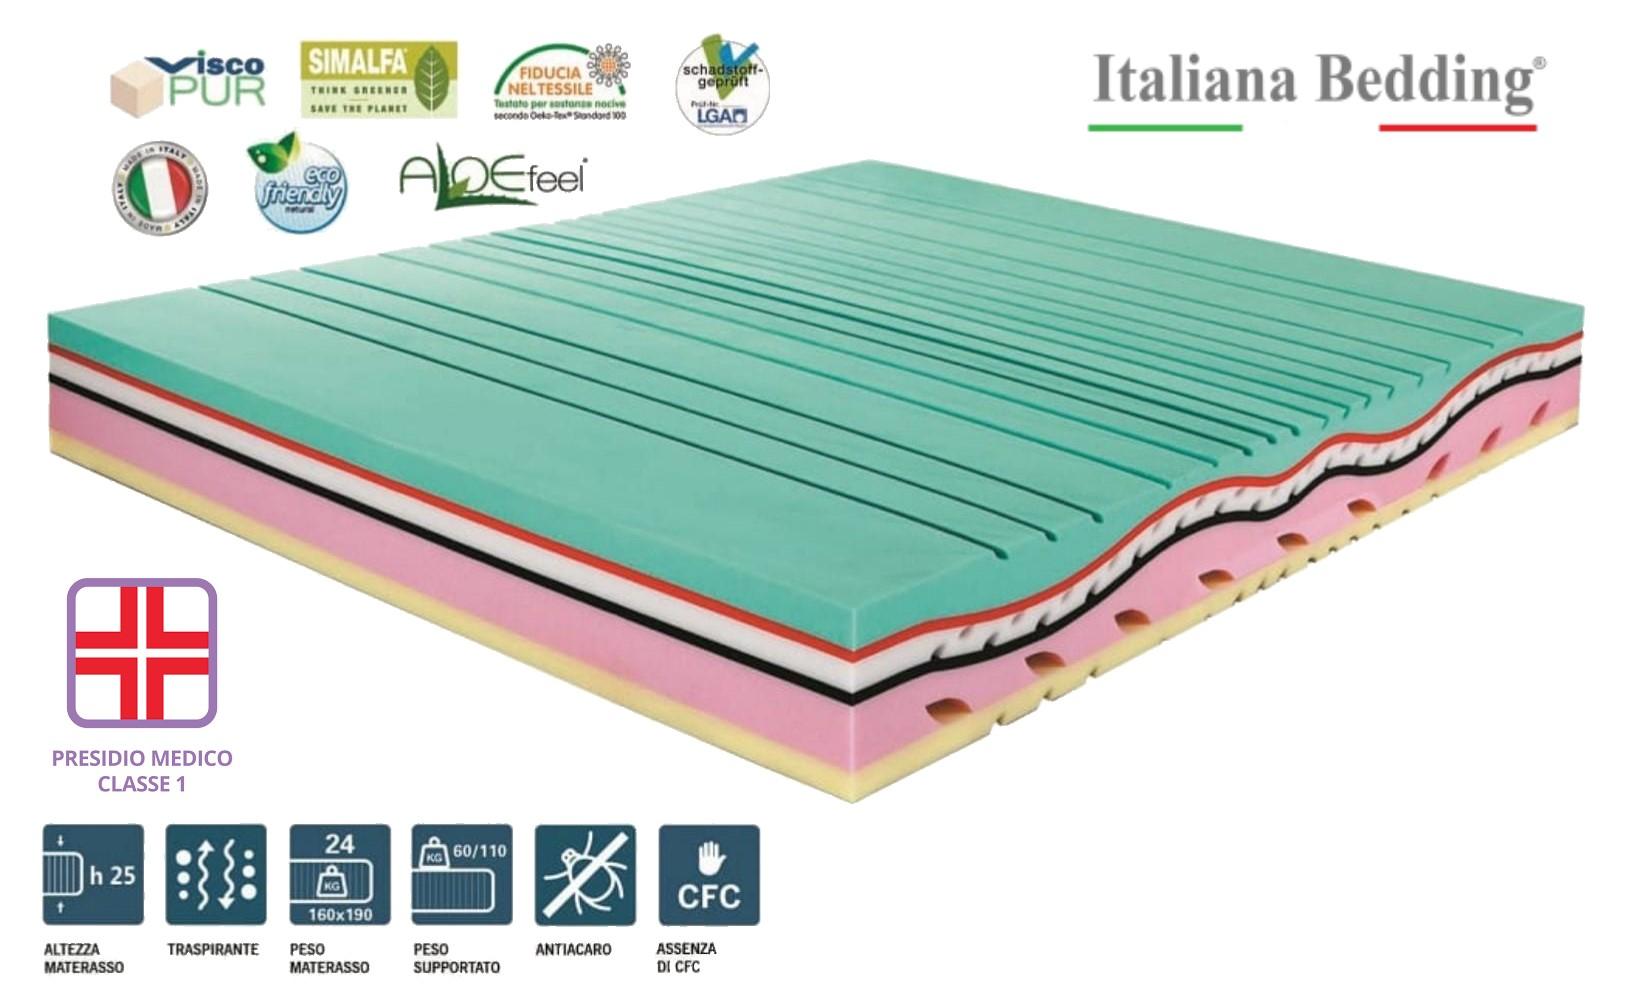 TOTAL COMFORT - Materasso memory foam 6 strati con aloe vera e cover in lana e lino